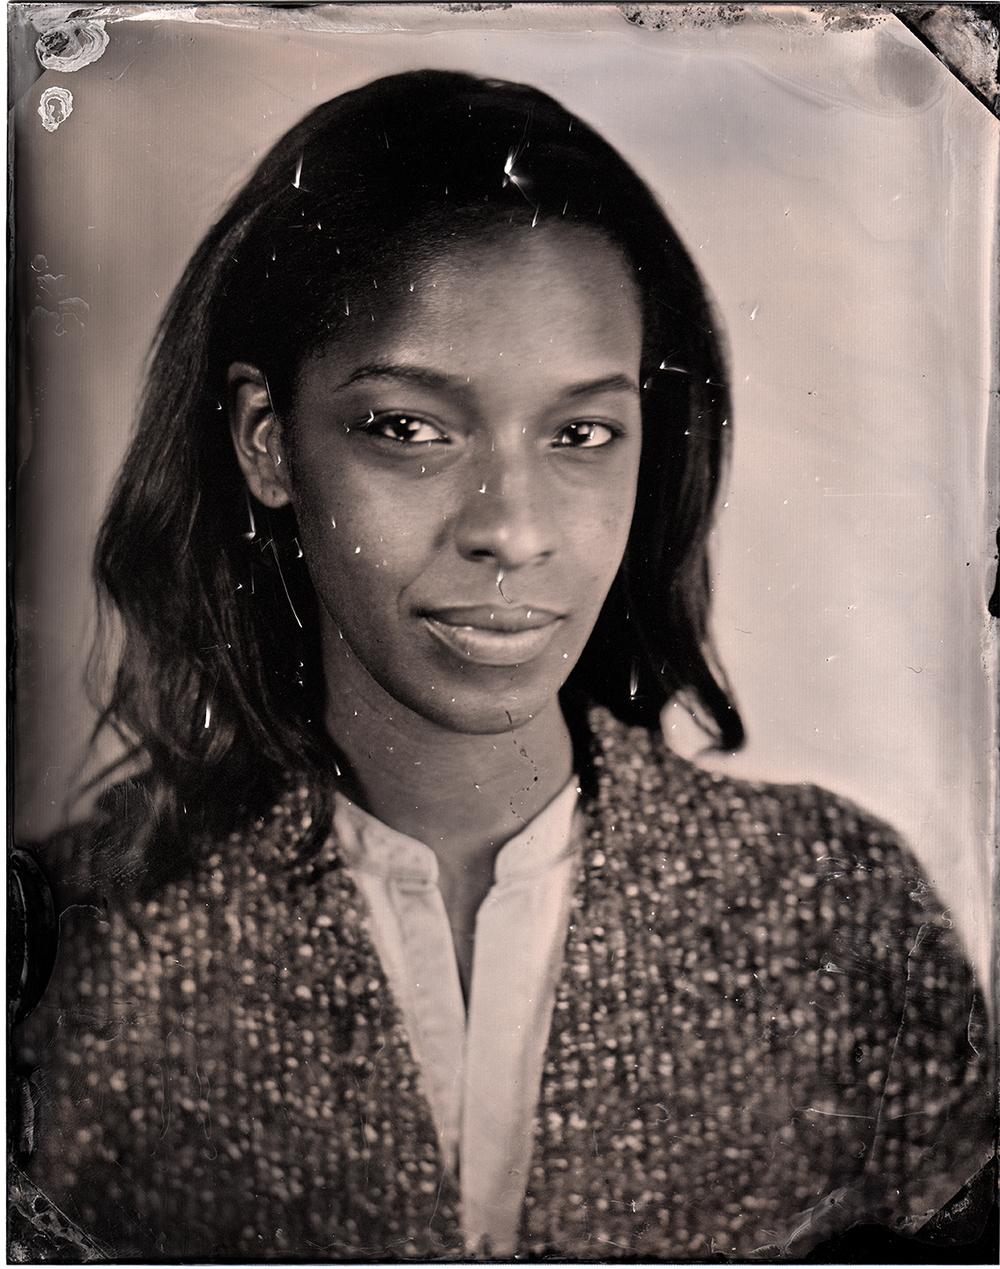 Krystle Wilson, Model